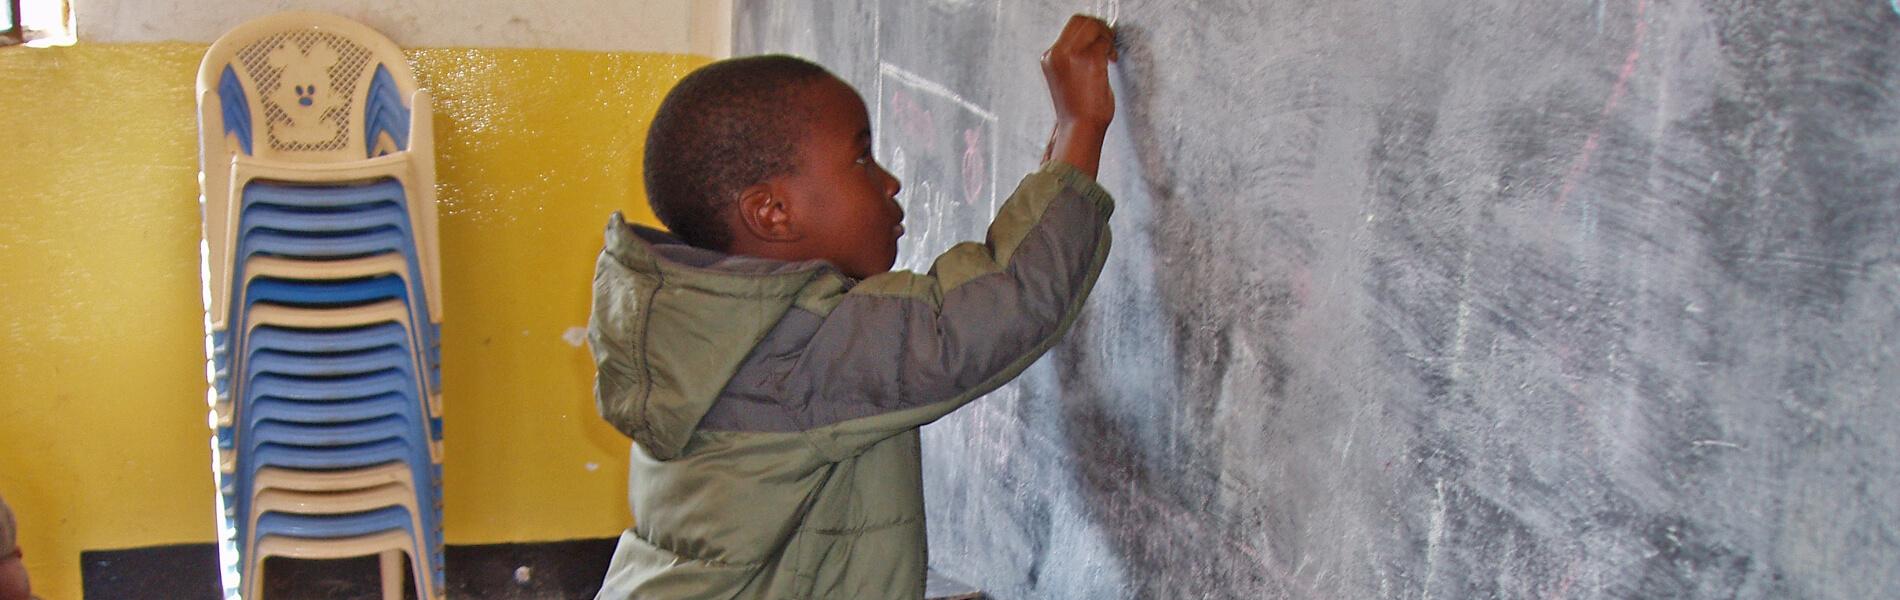 Zukunft für Kongos Kinder